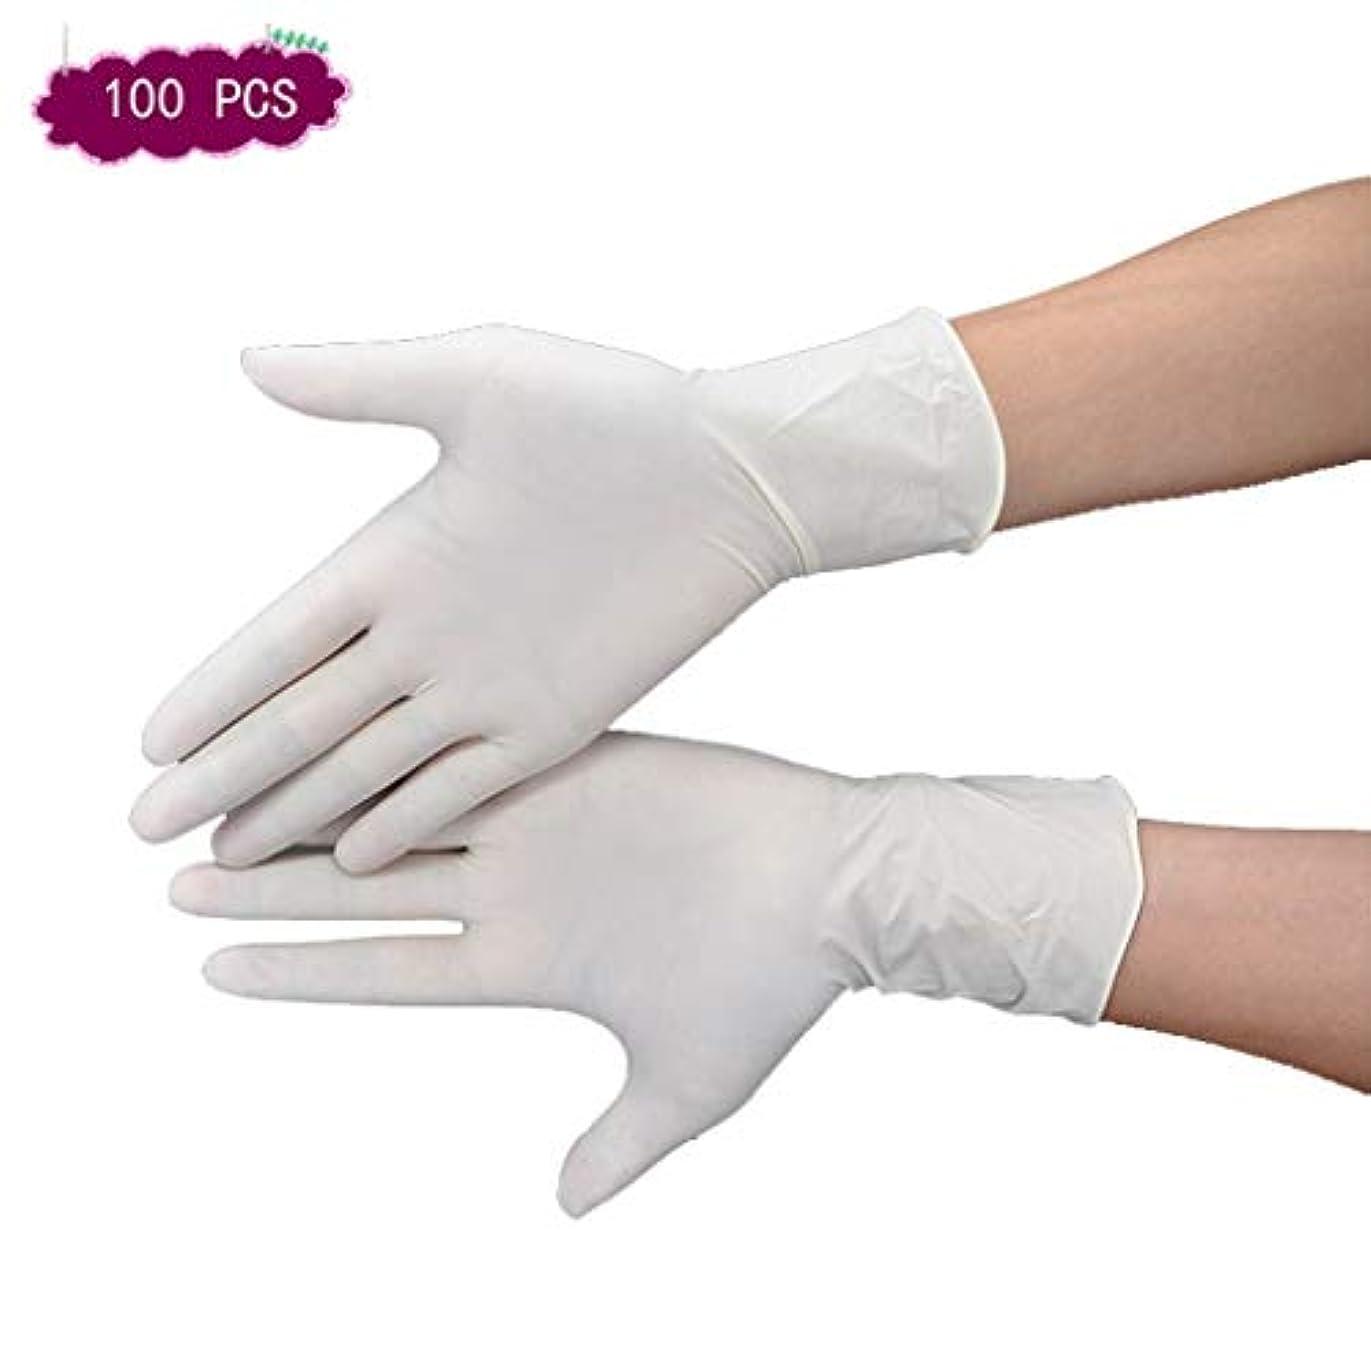 値する遠近法そばに使い捨てラテックス手袋ニトリル9 InchProtectiveパウダーフリー9インチラテックス手袋工業用洗濯長い手袋はありませんパウダー (Color : 9 inch, Size : S)